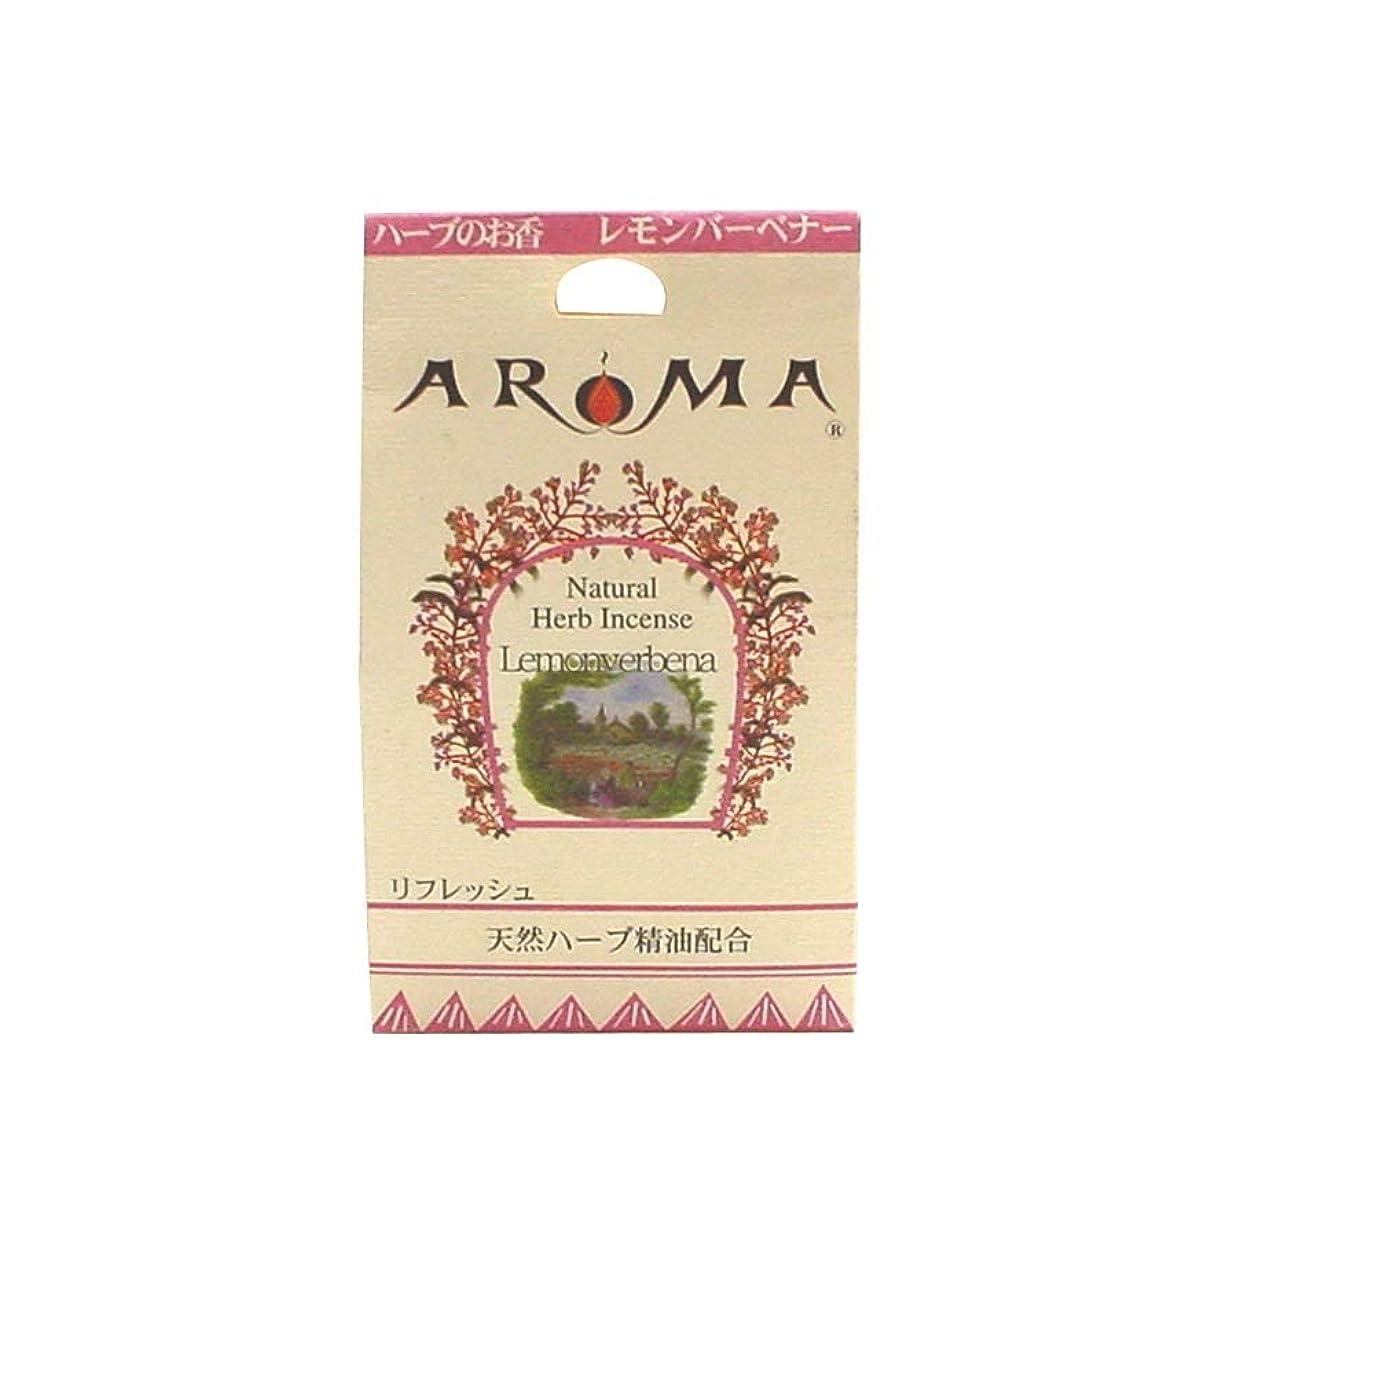 熱心な内なる贅沢なハーブ香 レモンバーベナ 16粒(コーンタイプのお香 インセンス)